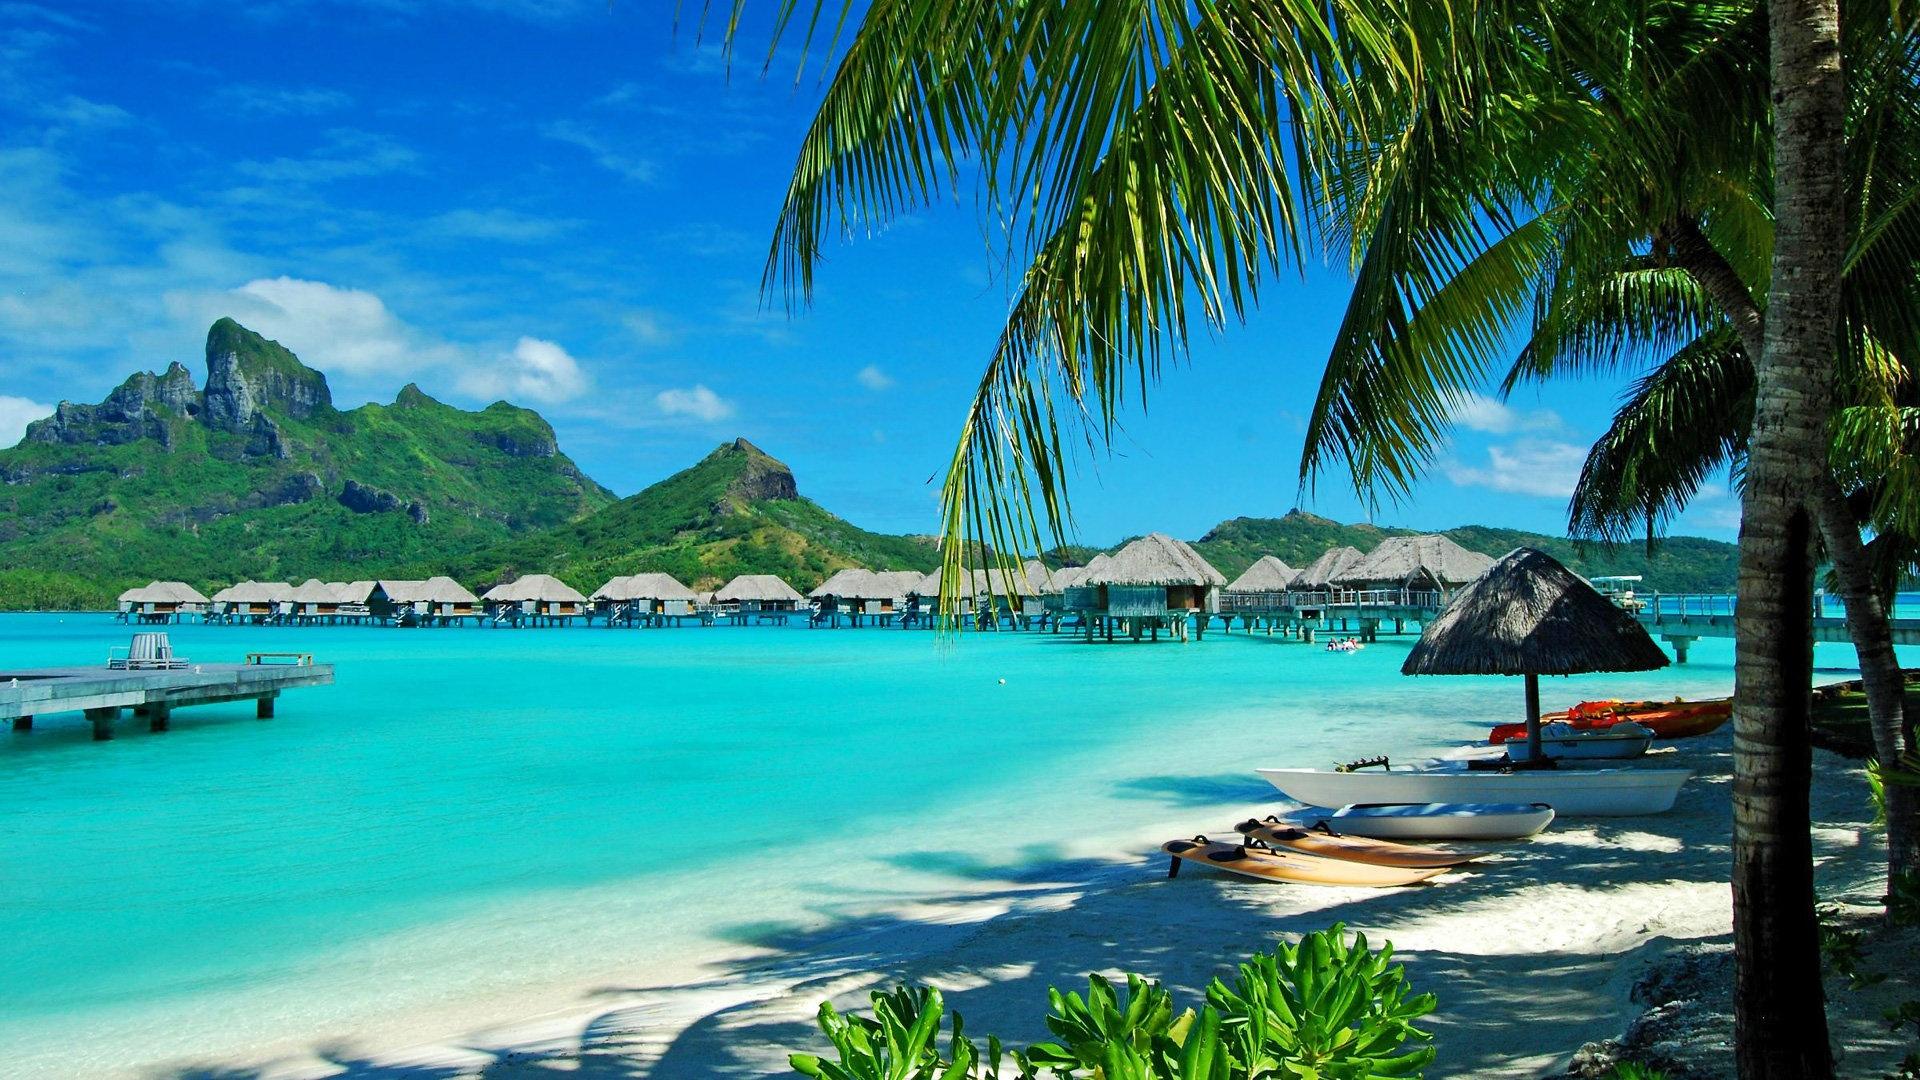 Best Travel Beach Destinations in the World